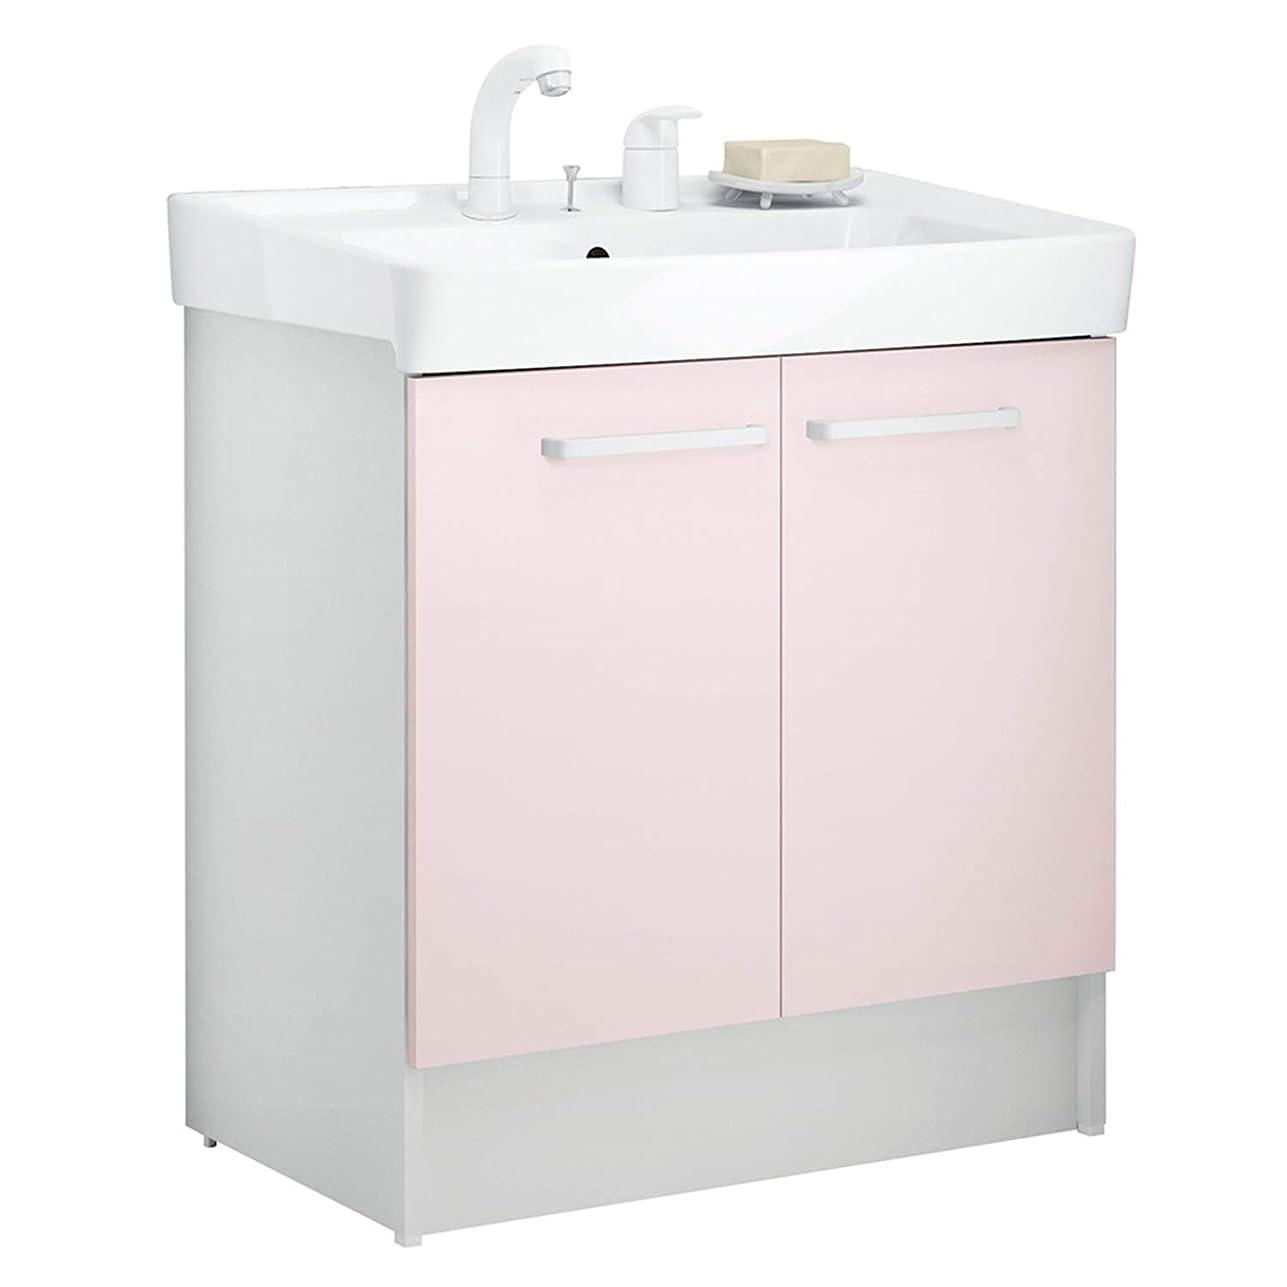 無傷しゃがむ素晴らしきイナックス(INAX) 洗面化粧台 D7シリーズ 幅75cm 両開きタイプ シングルレバー洗髪シャワー水栓 D7N4-755SYN1-W 寒冷地用 パステルピンク(HP2W)